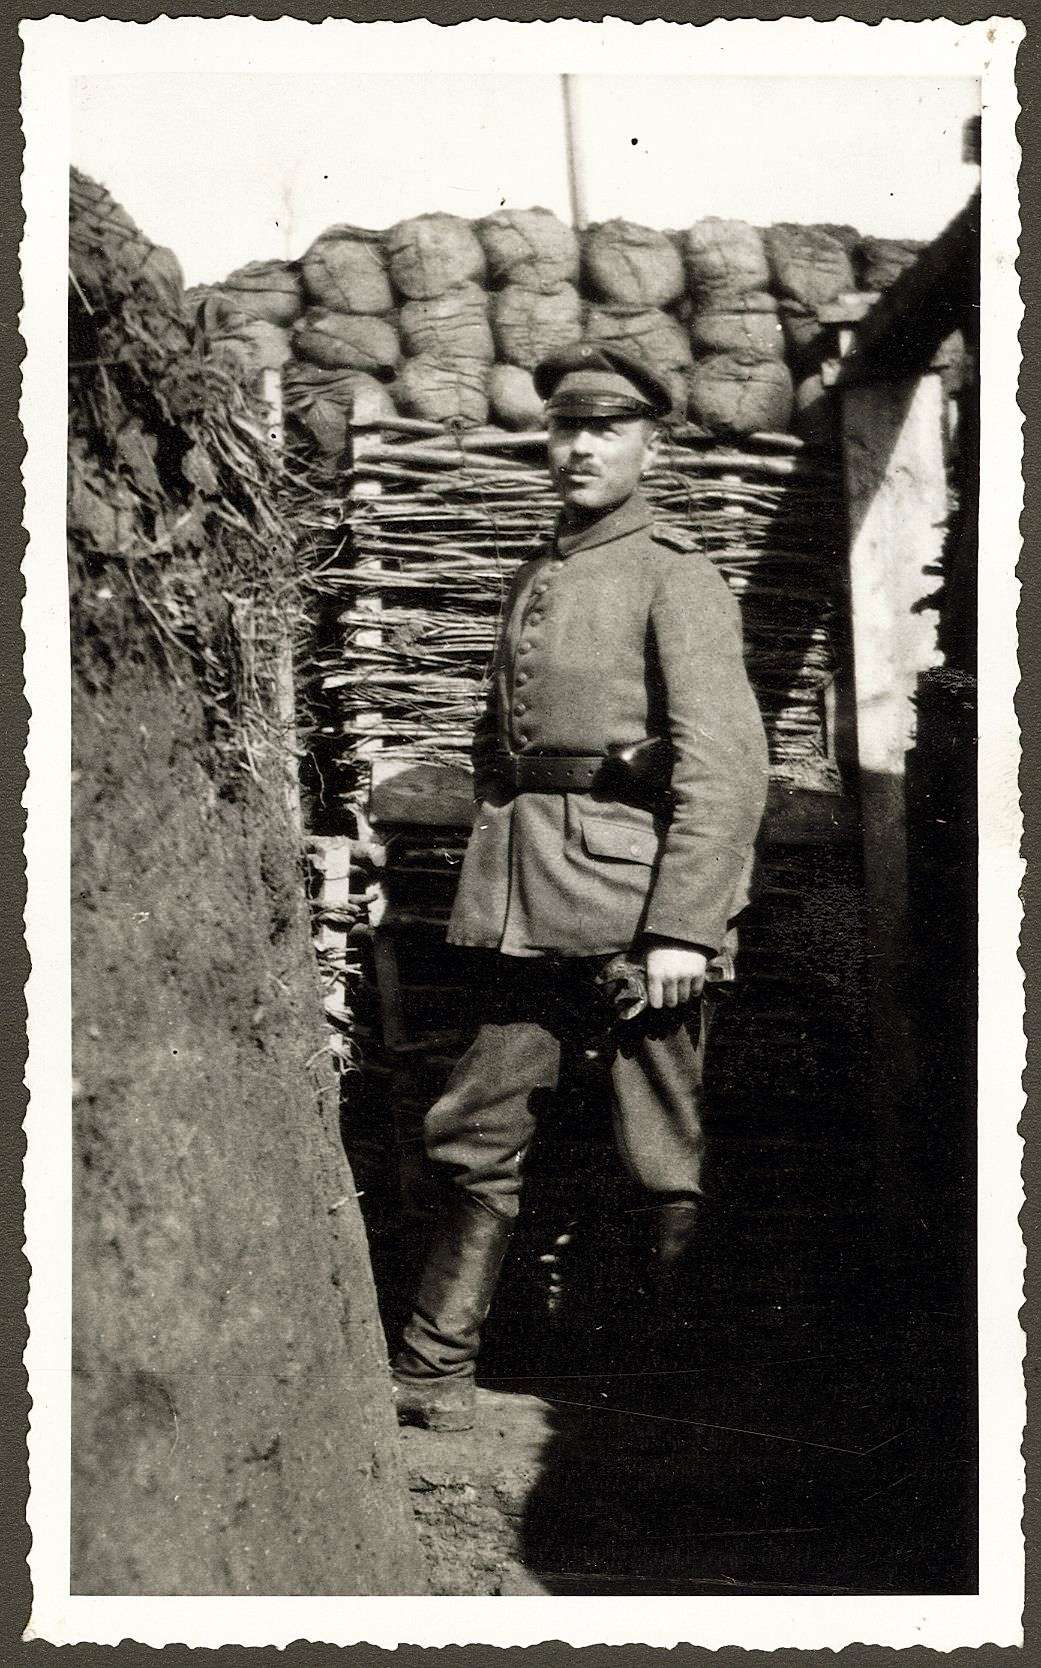 Dorsch, Christian, Bild 2